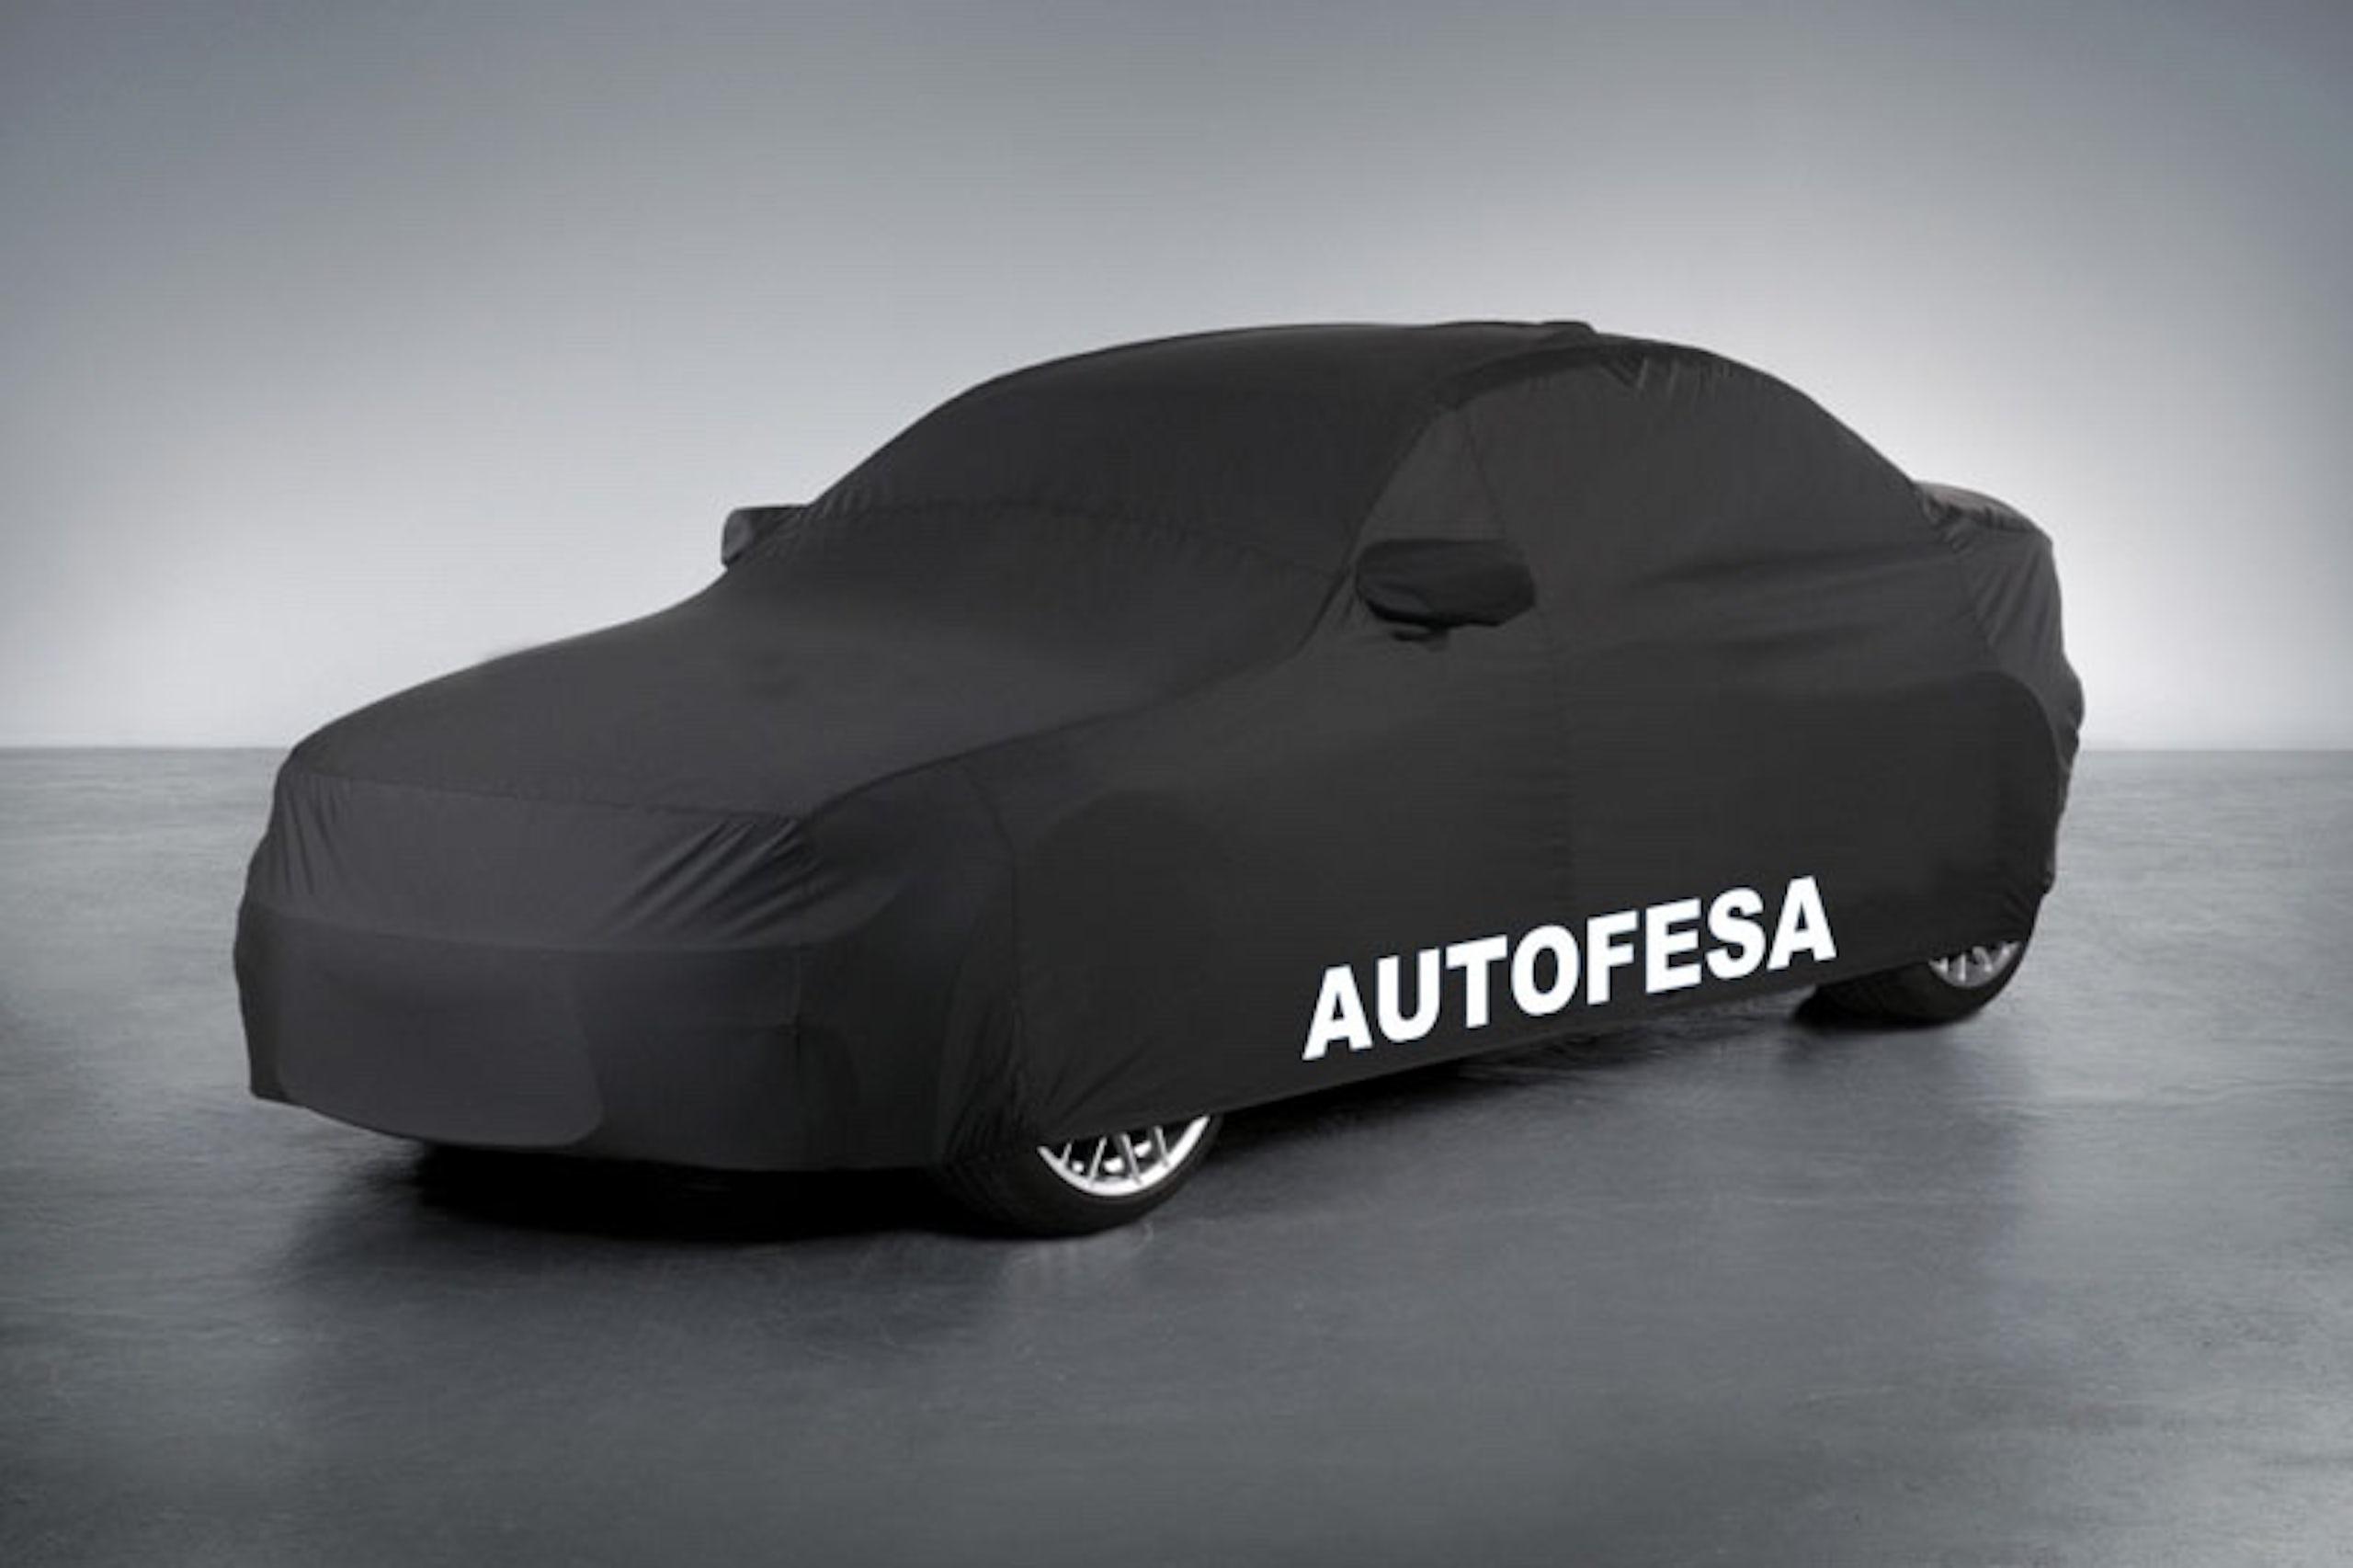 Audi A6 3.0 TDI AVANT 272cv quattro 4p S tronic Auto S/S - Foto 23